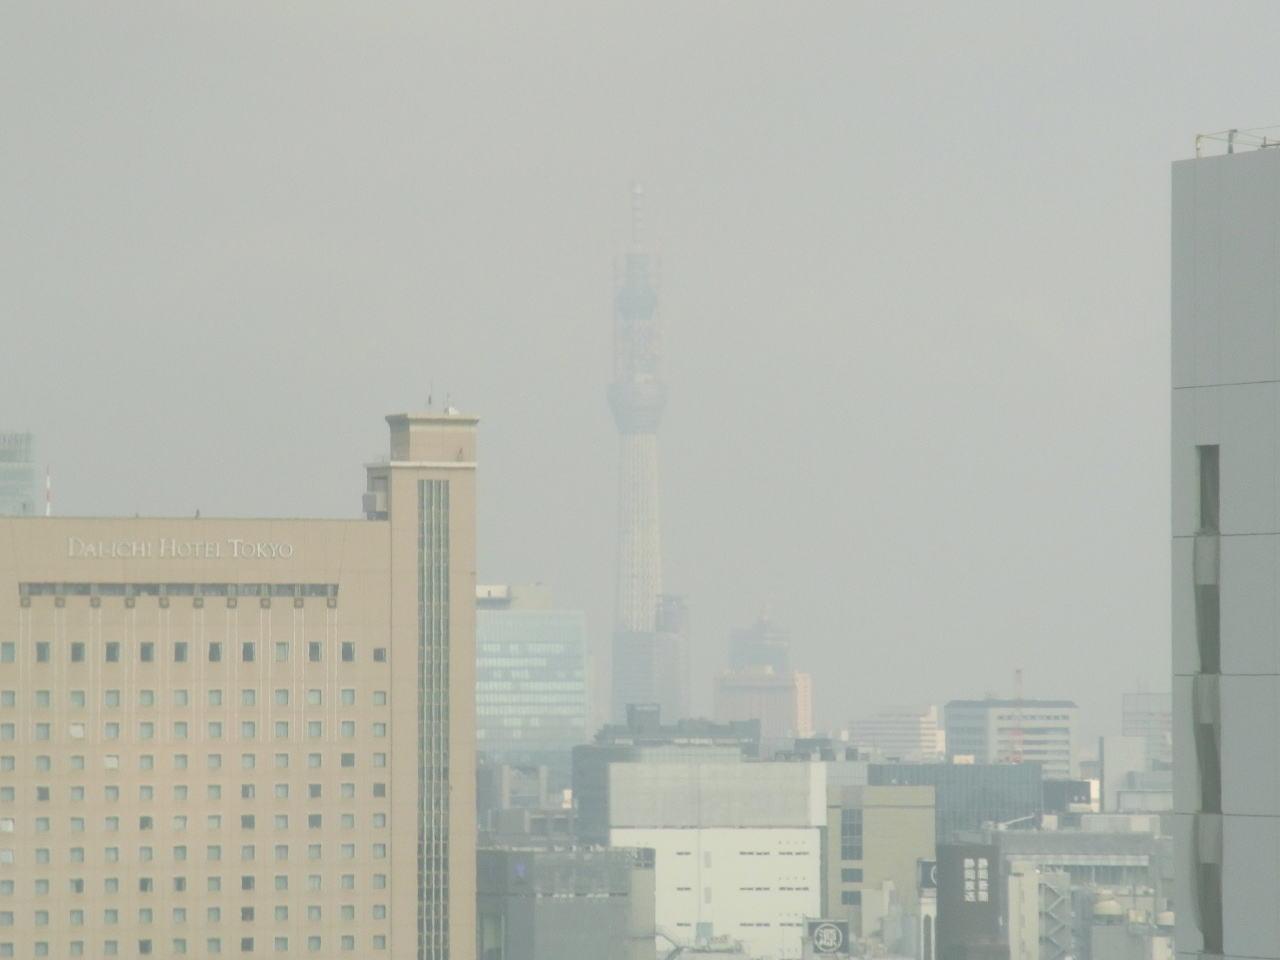 某高層ビルからのスカイツリー